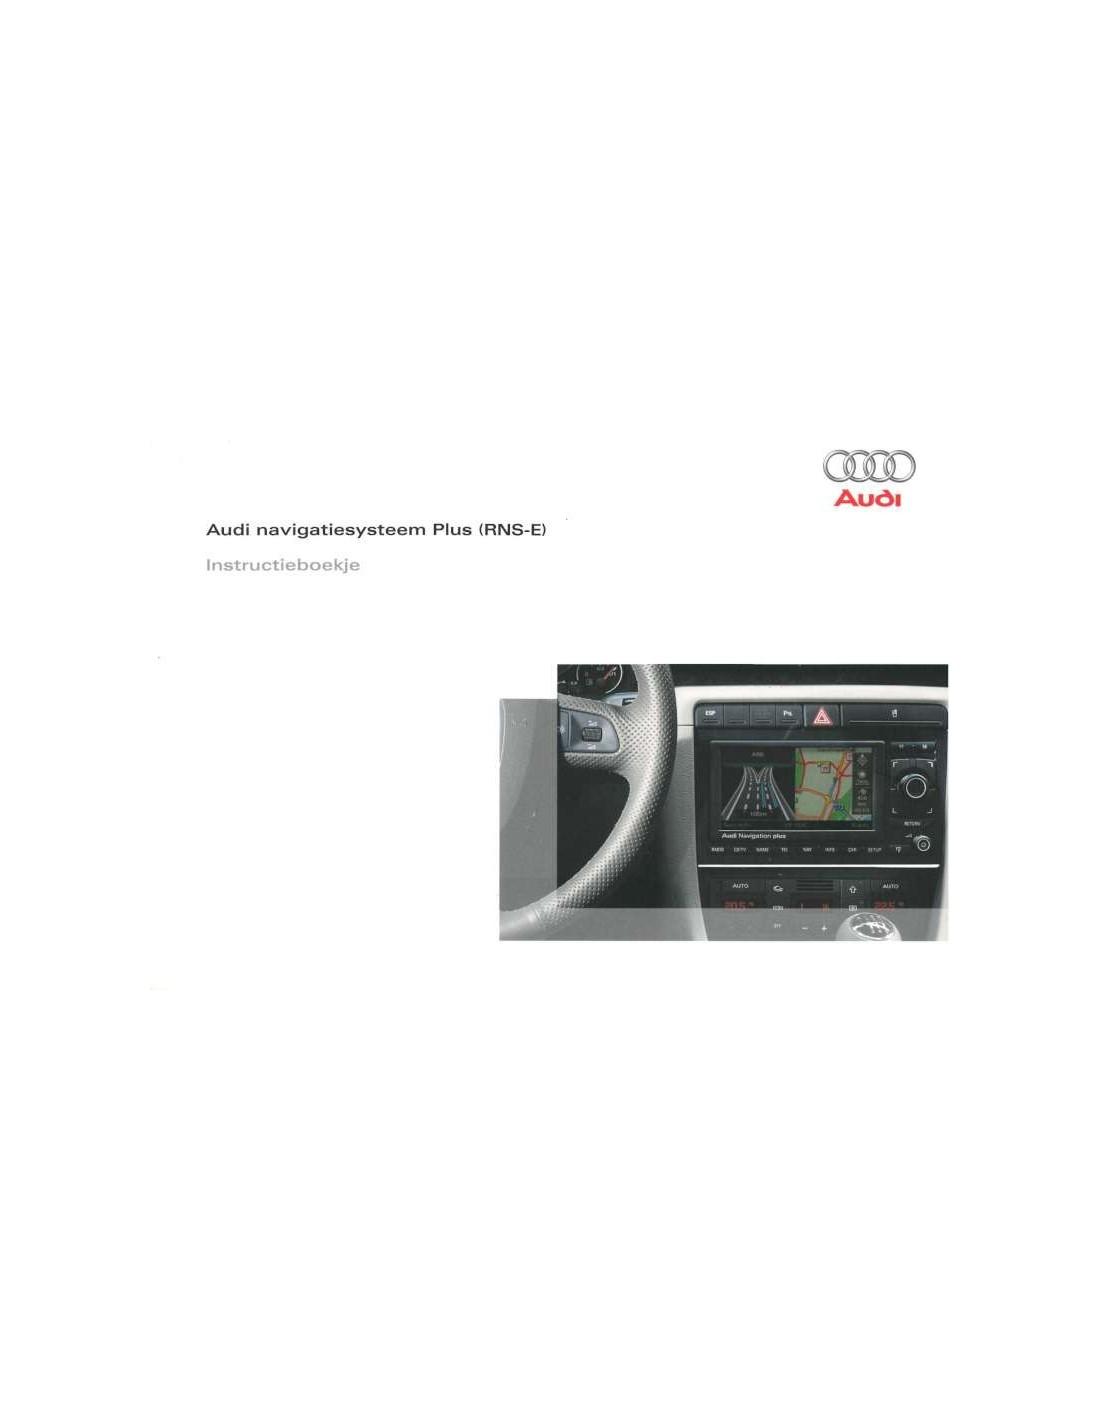 2008 audi rns e owner s manual dutch rh autolit eu manuel rns-e audi RNS-E Audi S4